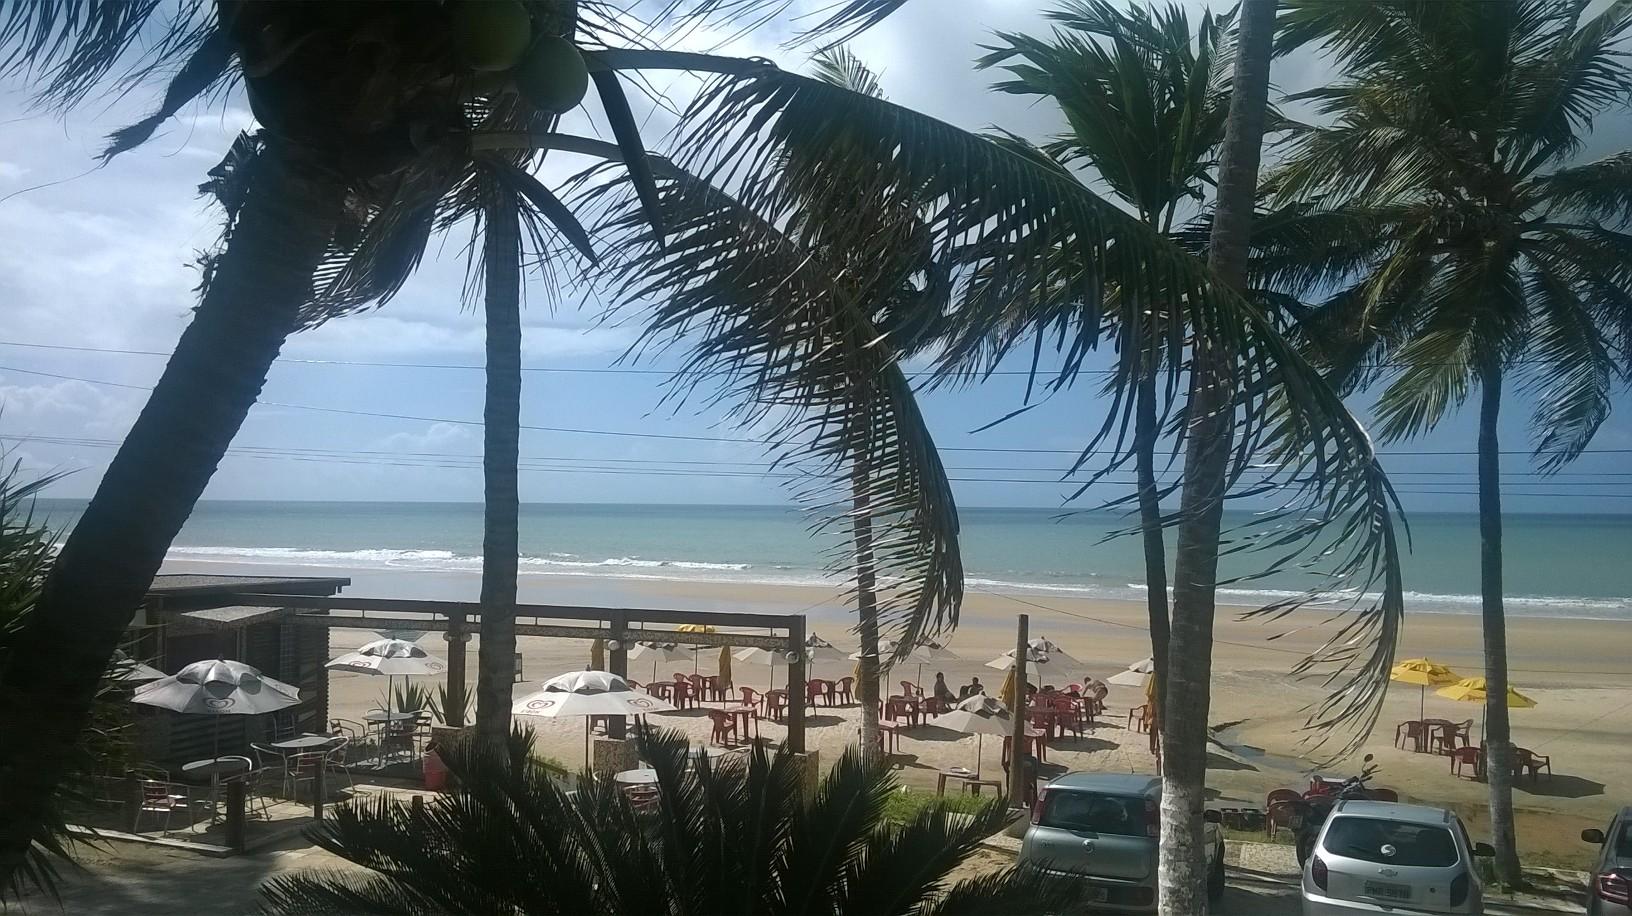 Praia da Lagoinha beach front vivamar hotel may16